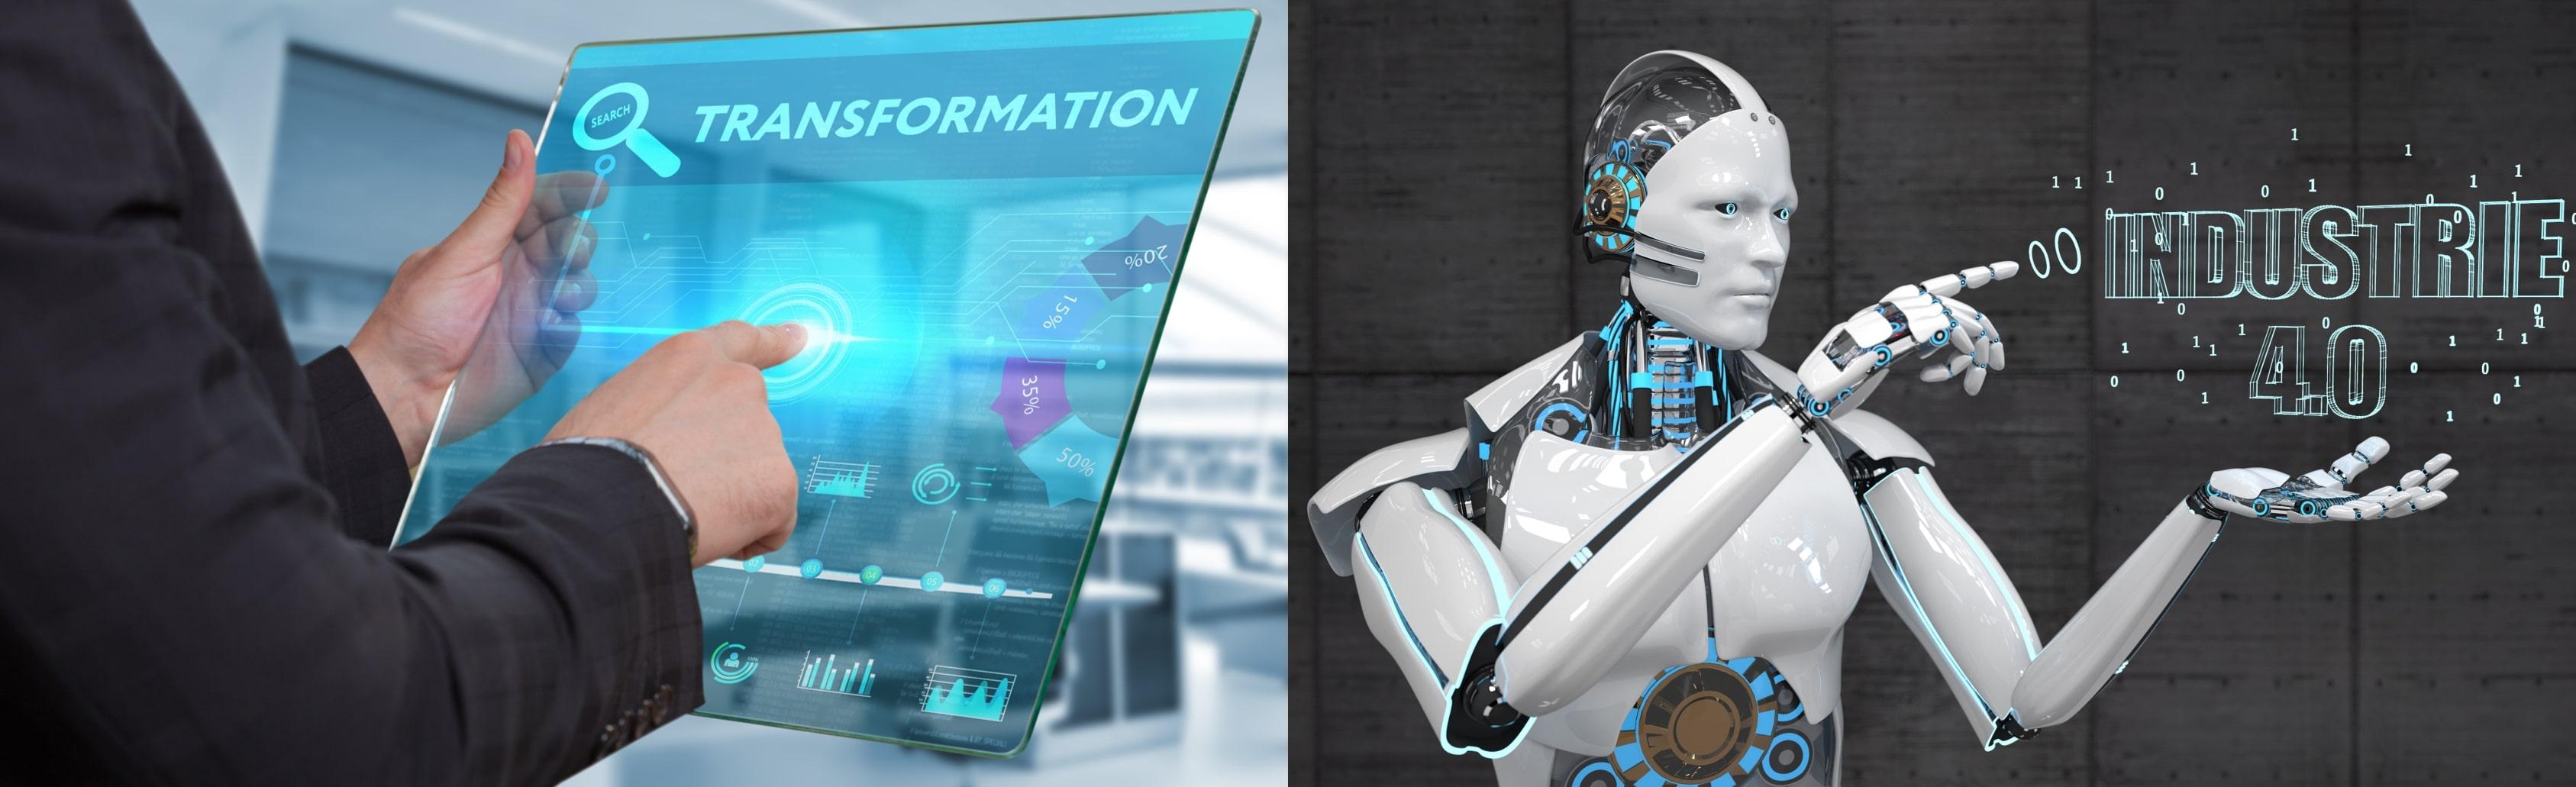 La transformation digitale des industries : de quoi parle-t-on ?